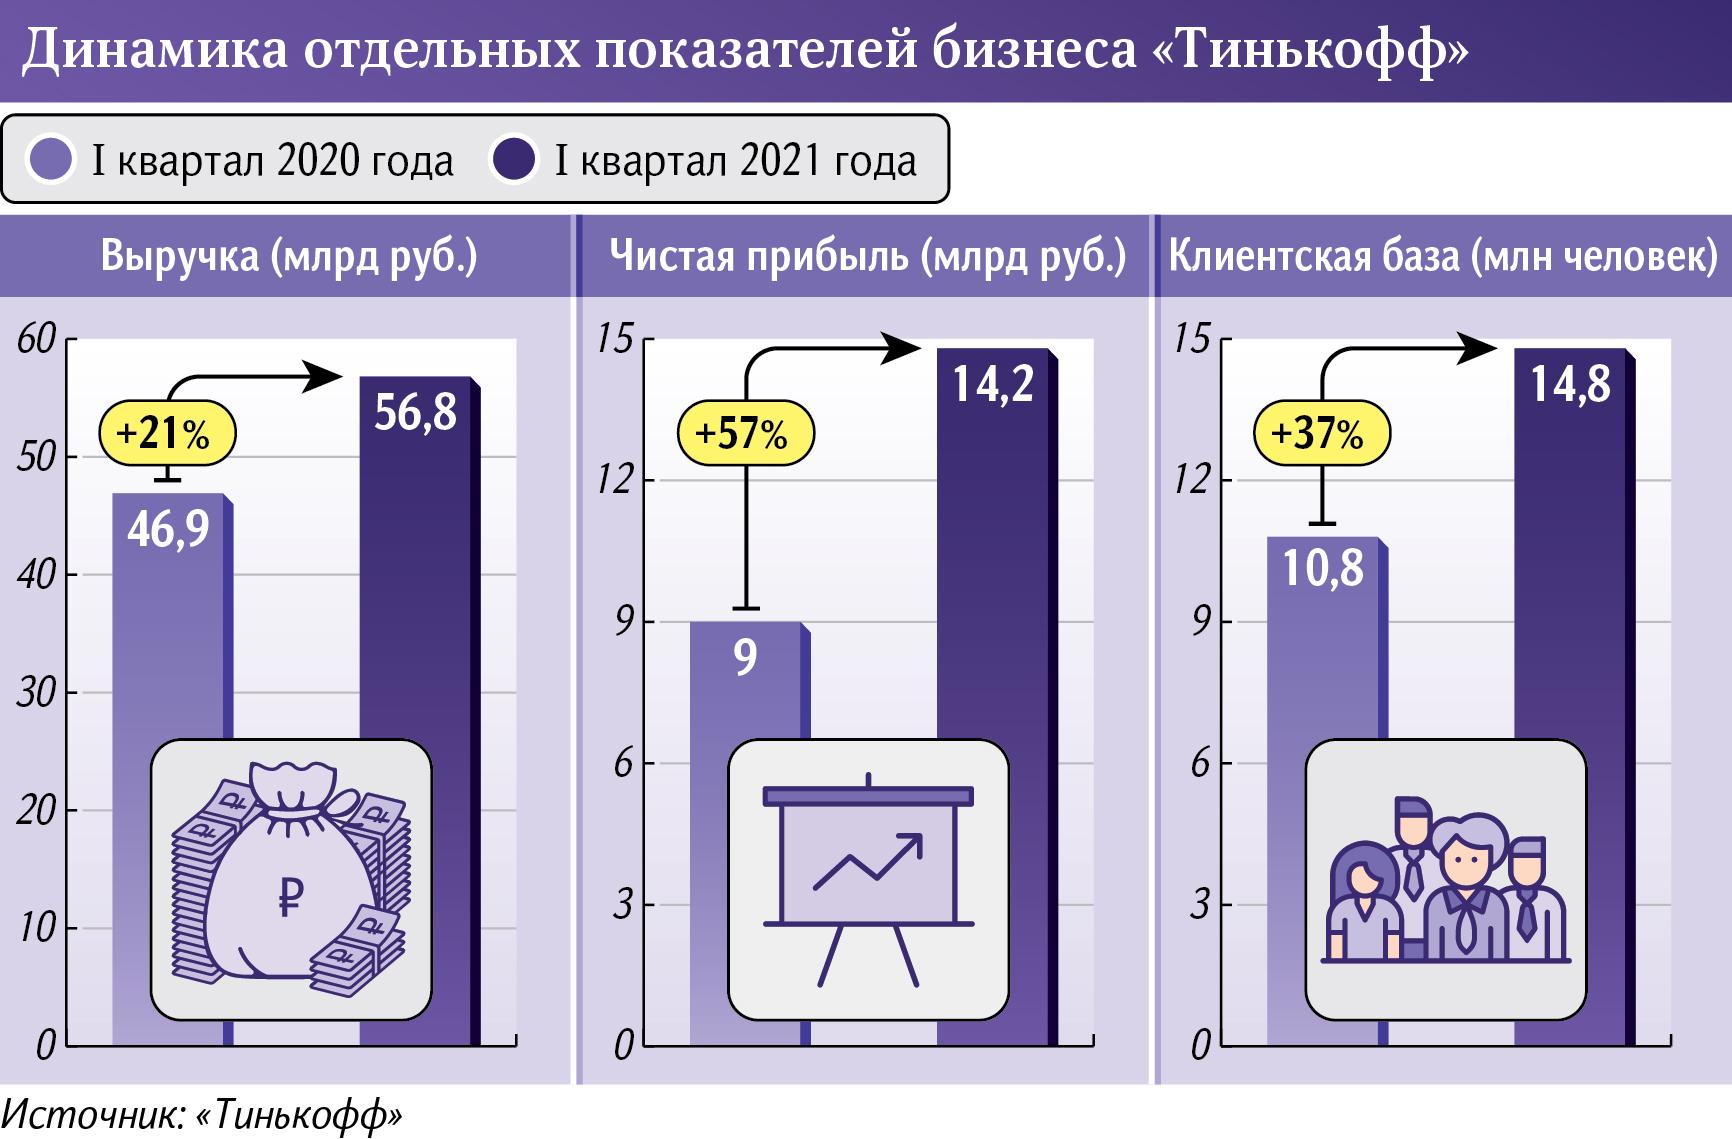 Показатели Тинькофф